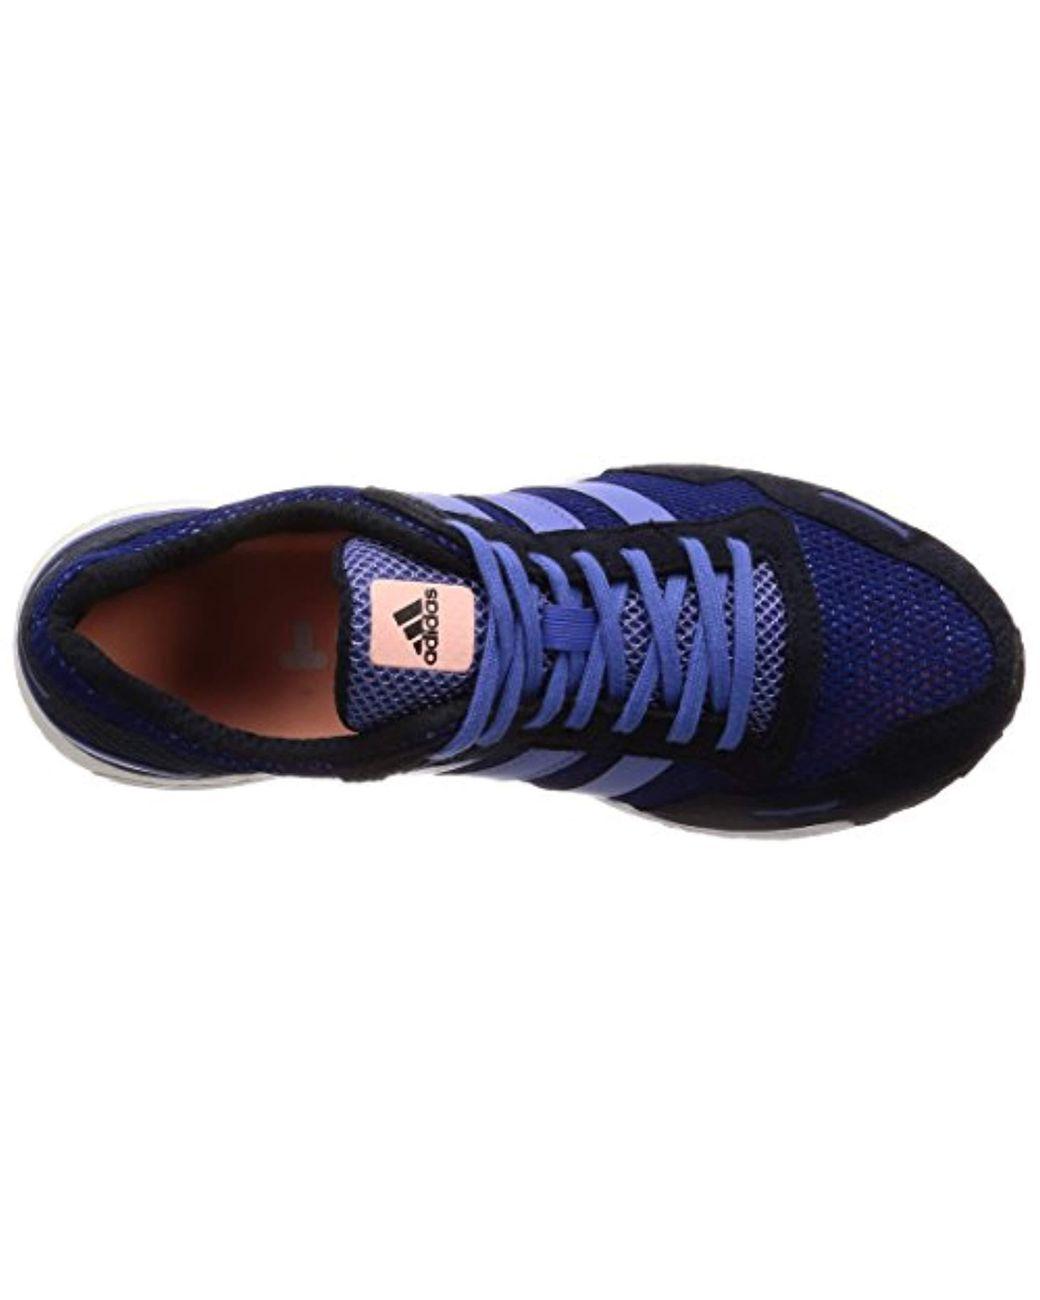 Shoes 3 Lyst Adidas Adizero W Training Blue Adios In rCQBoWdxe